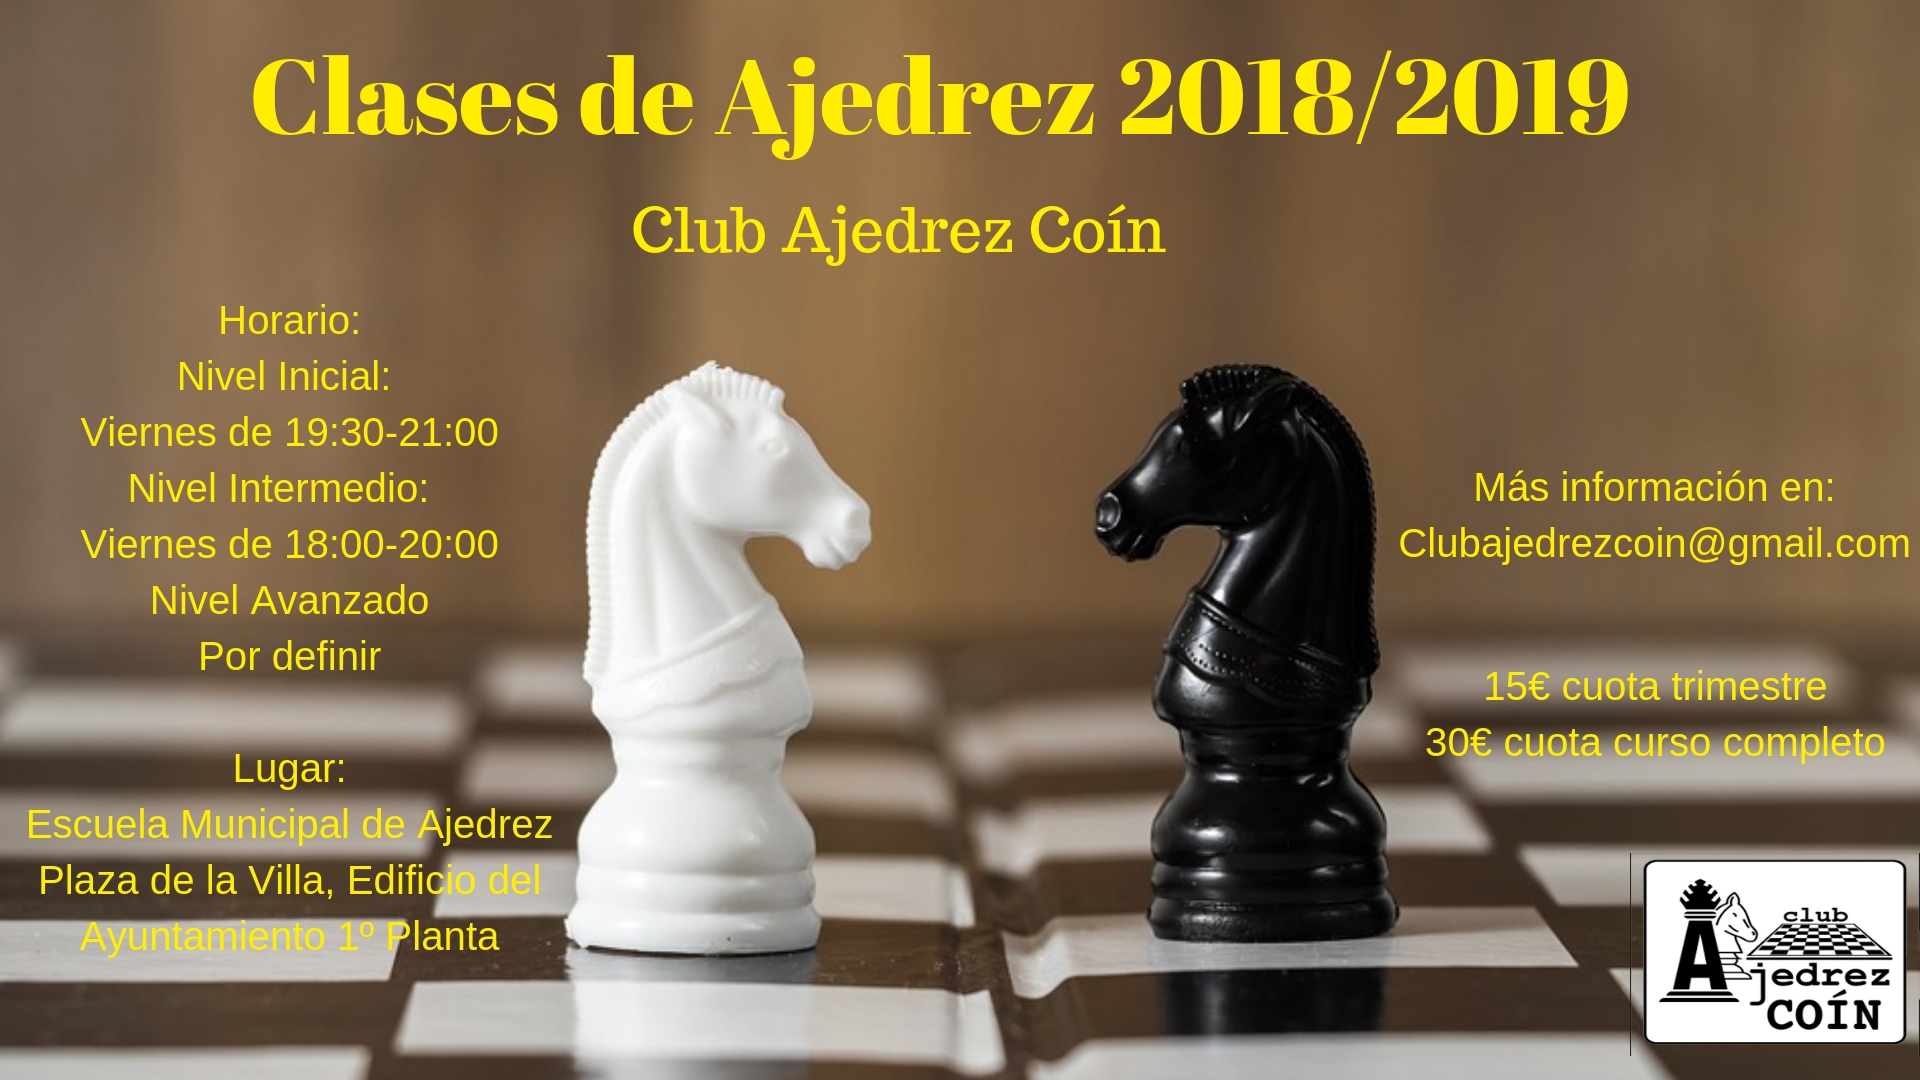 Clases de Ajedrez 2018-2019